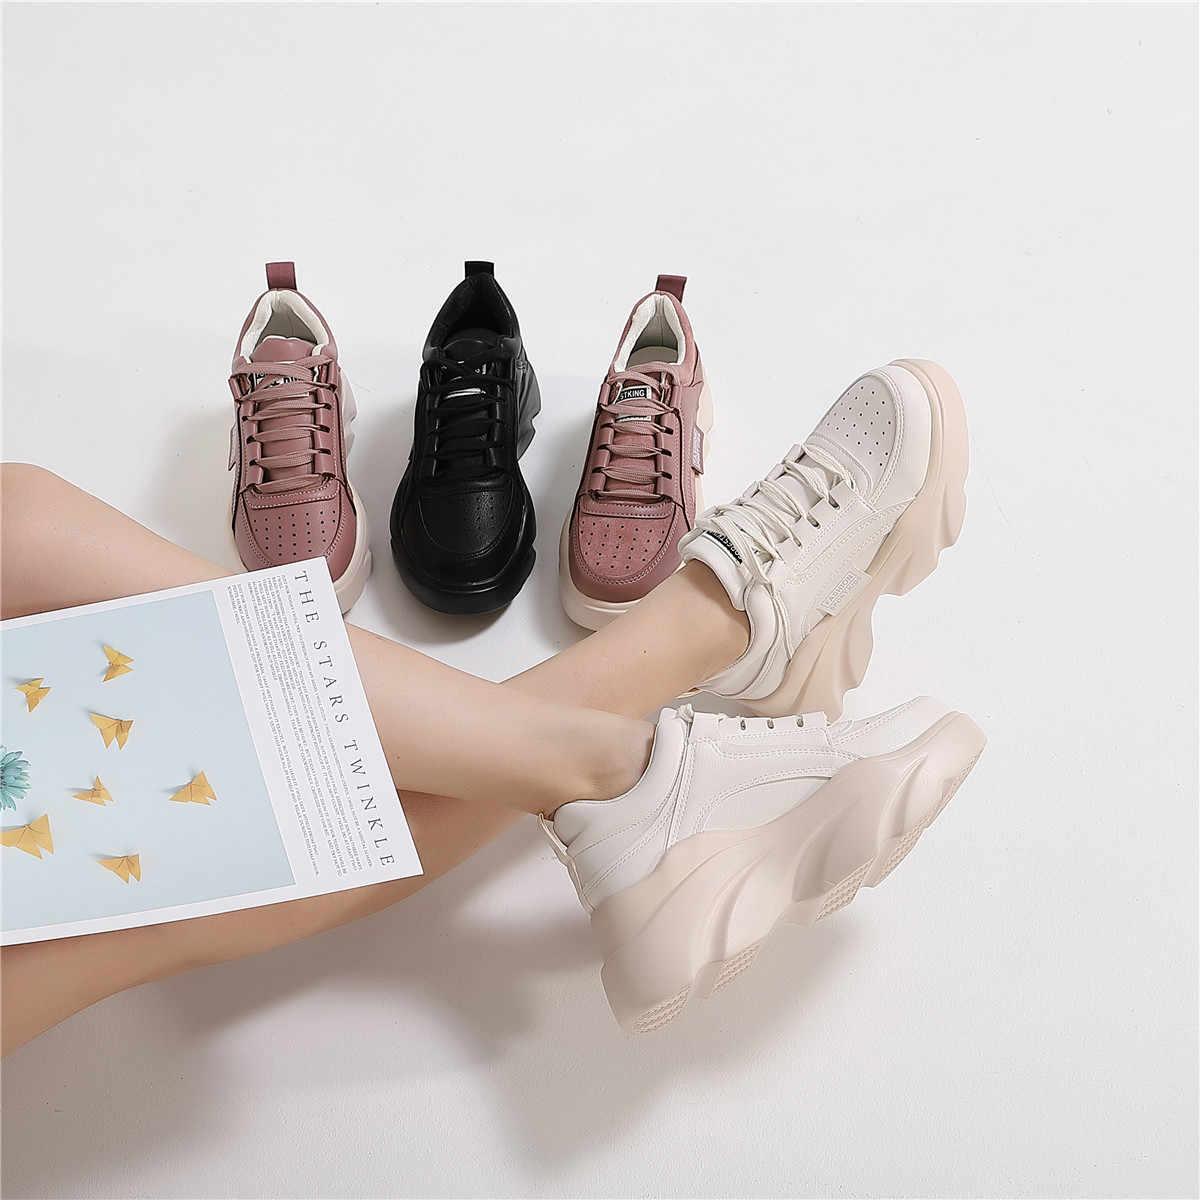 CAILASTE/2019; женские кроссовки на платформе; обувь на высоком каблуке с круглым носком; повседневная обувь на шнуровке; женская Ультралегкая обувь в стиле Харадзюку